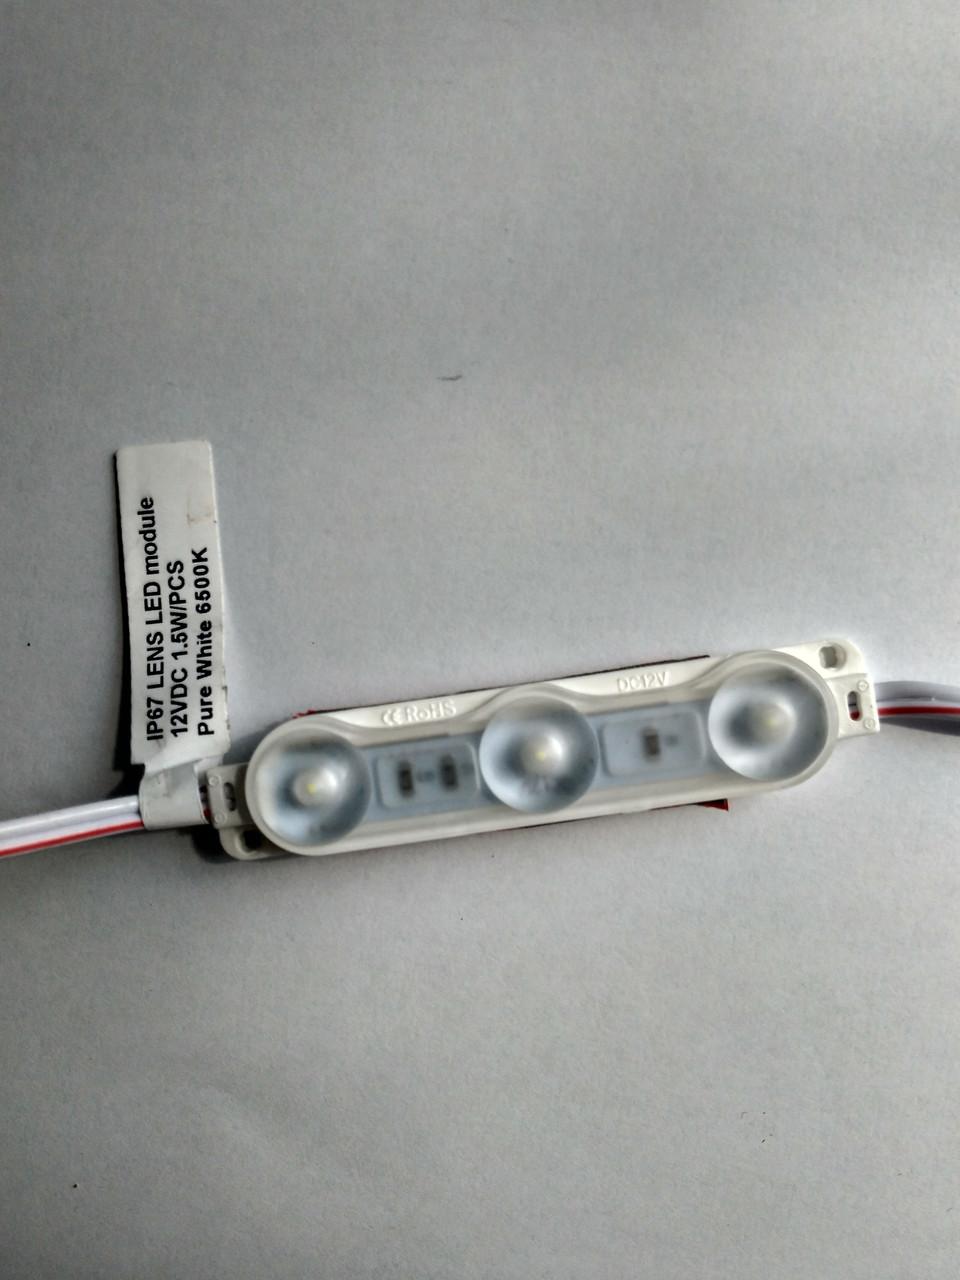 Світлодіодний модуль1.5 Вт 145лм 12вольт білий 6500К три лед 2835 з лІнзами Преміум IP67